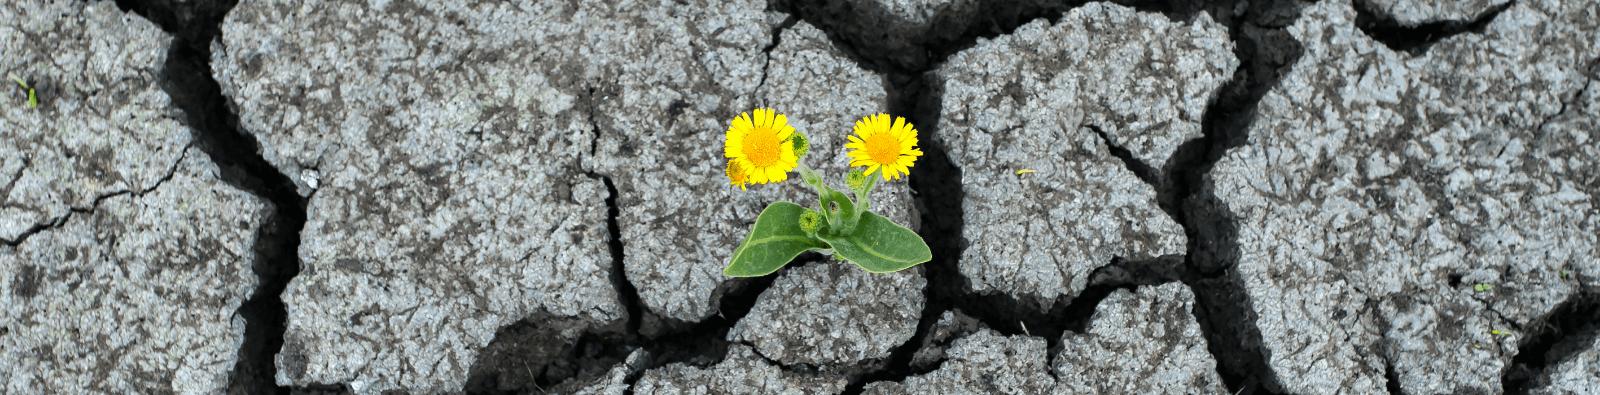 flower-growing-in-rocks